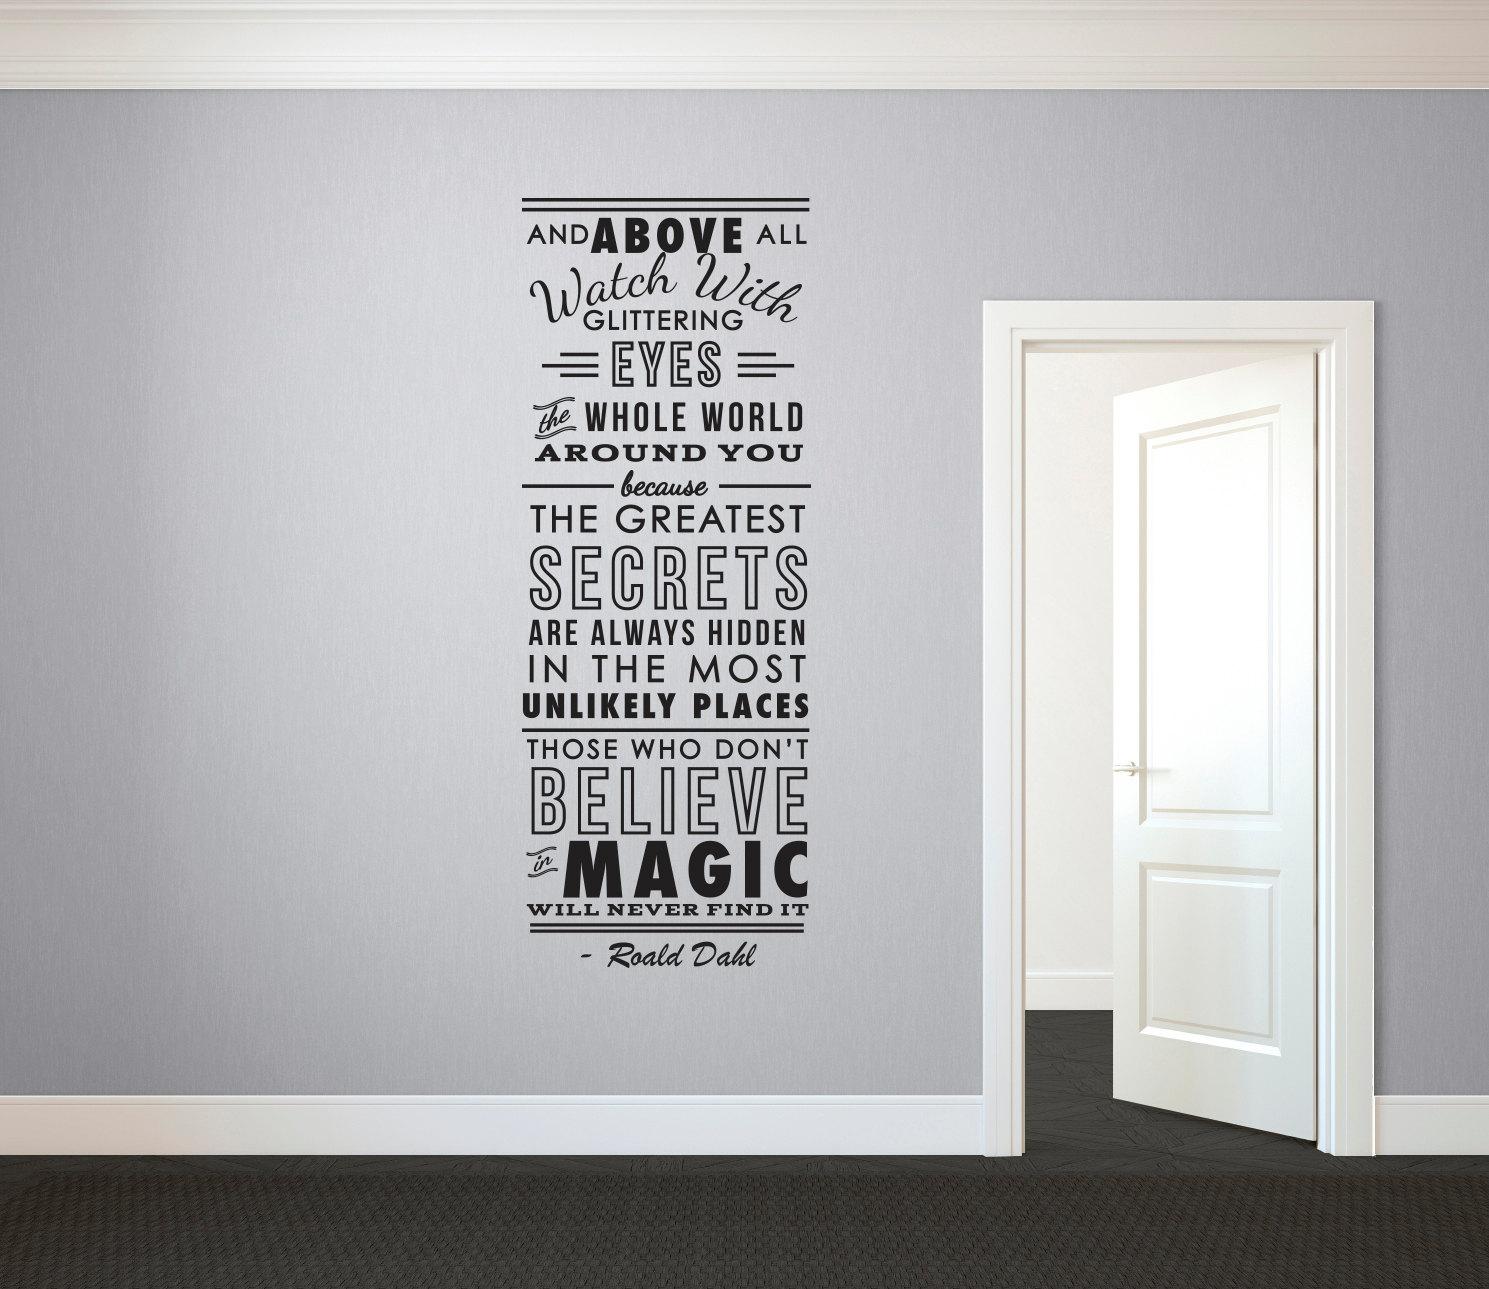 Wall Art Decals Custom : Roald dahl believe in magicquote wall decal custom vinyl art